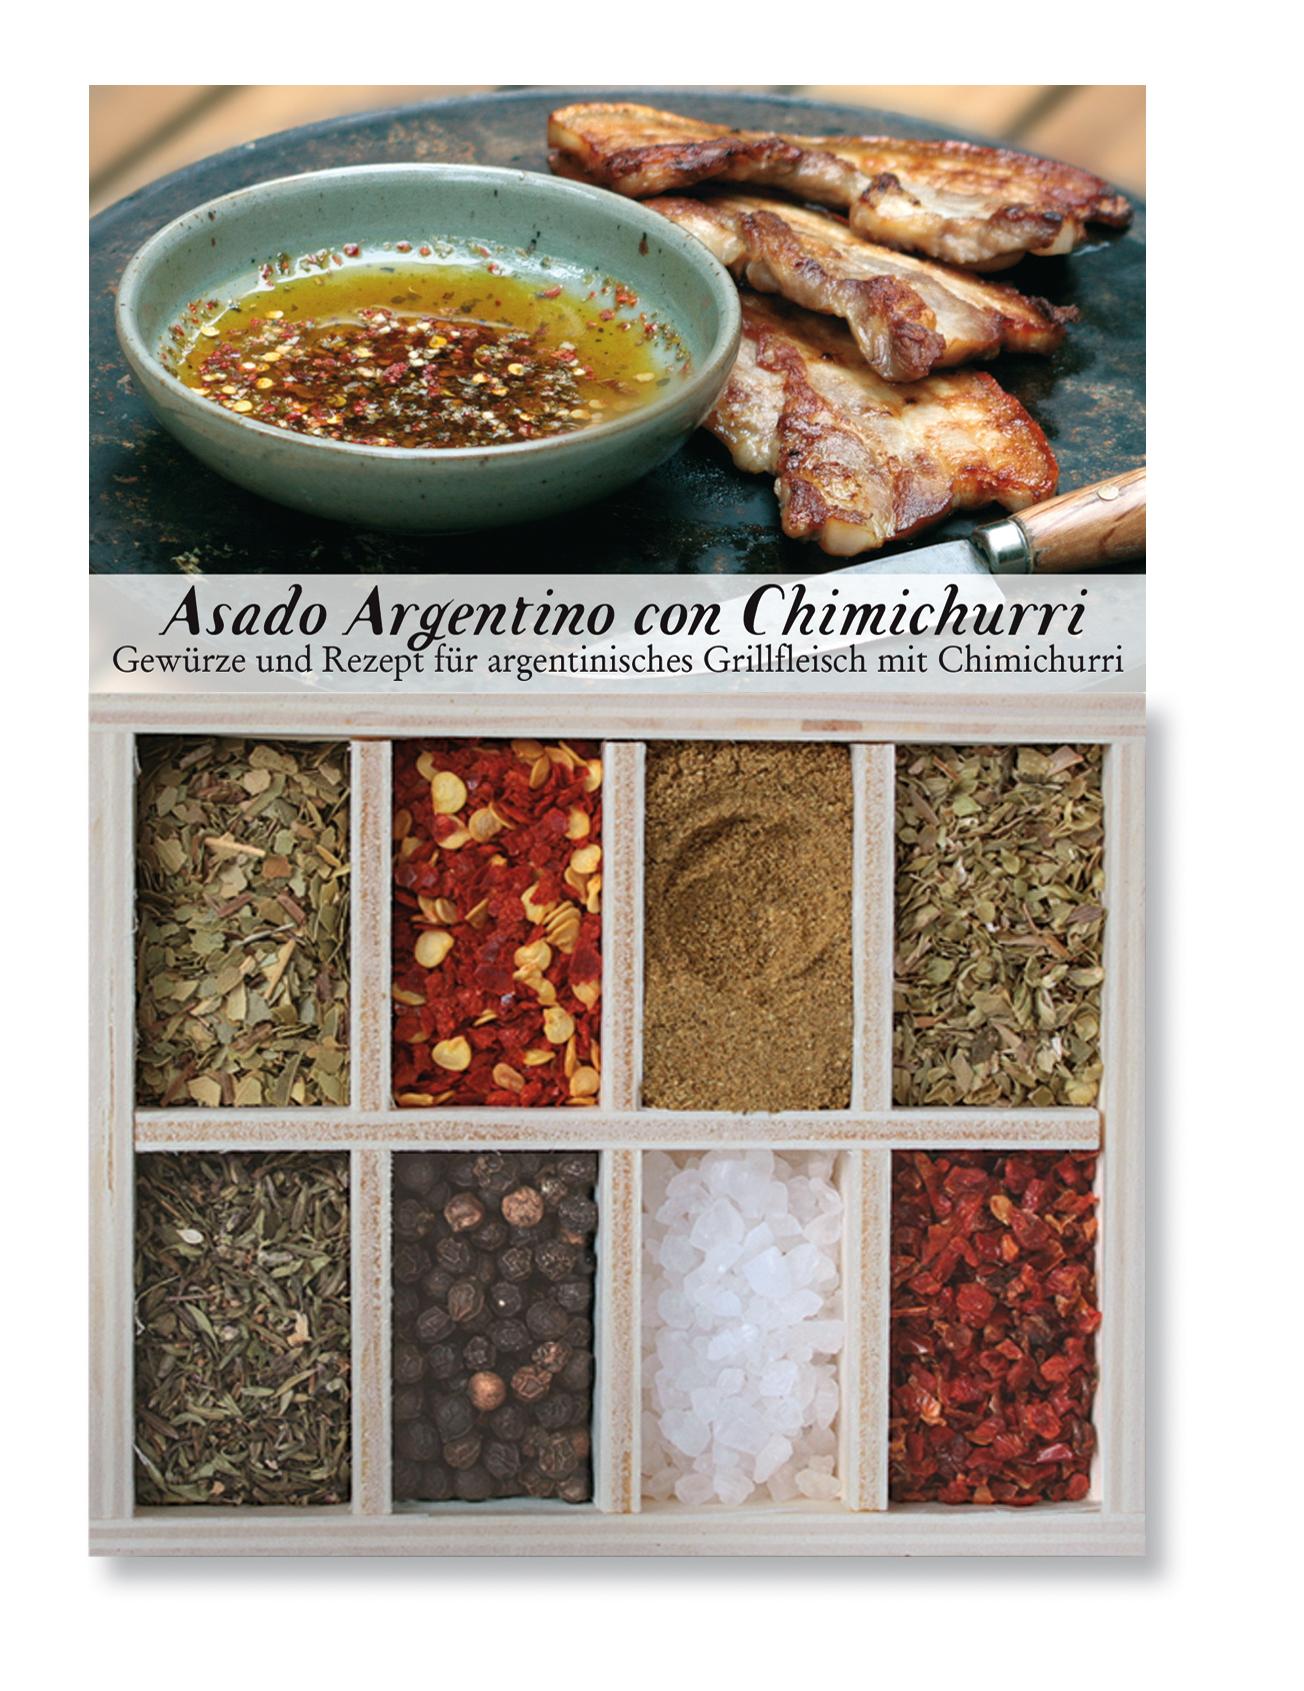 Asado Argentino con Chimichurri